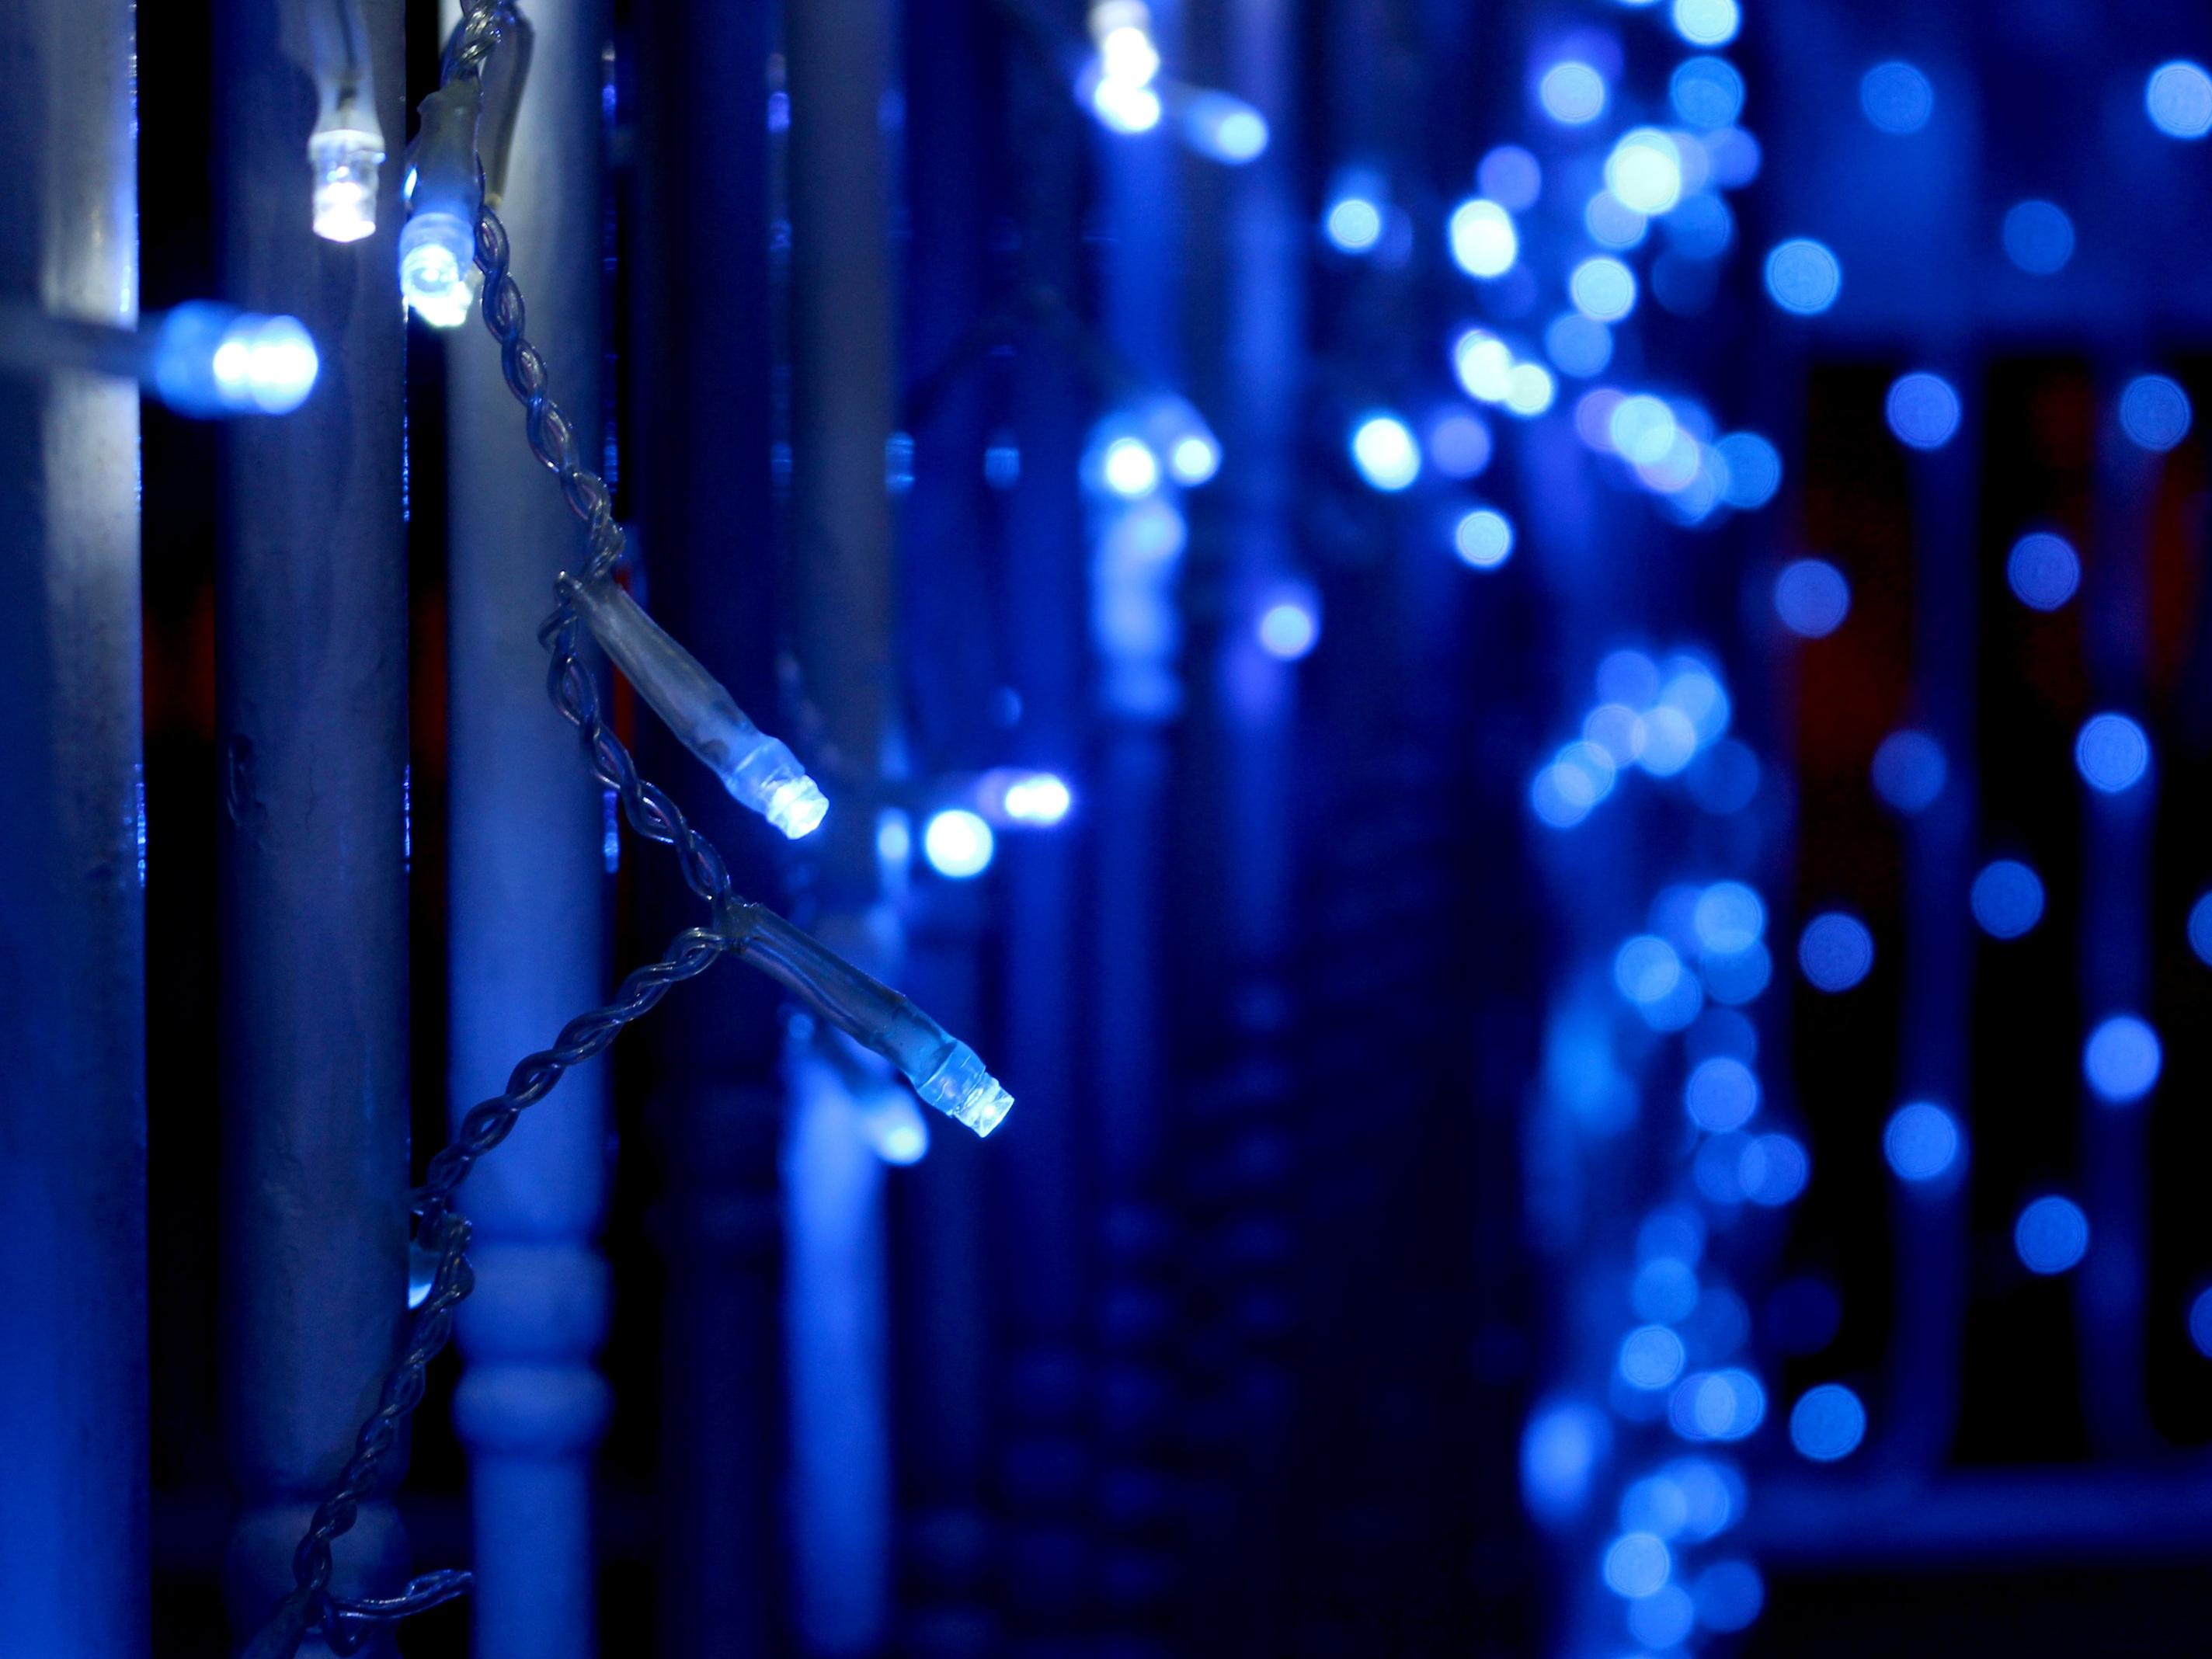 รูปภาพ เบา กลางคืน ความเงียบสงบ ความมืด สีน้ำเงิน